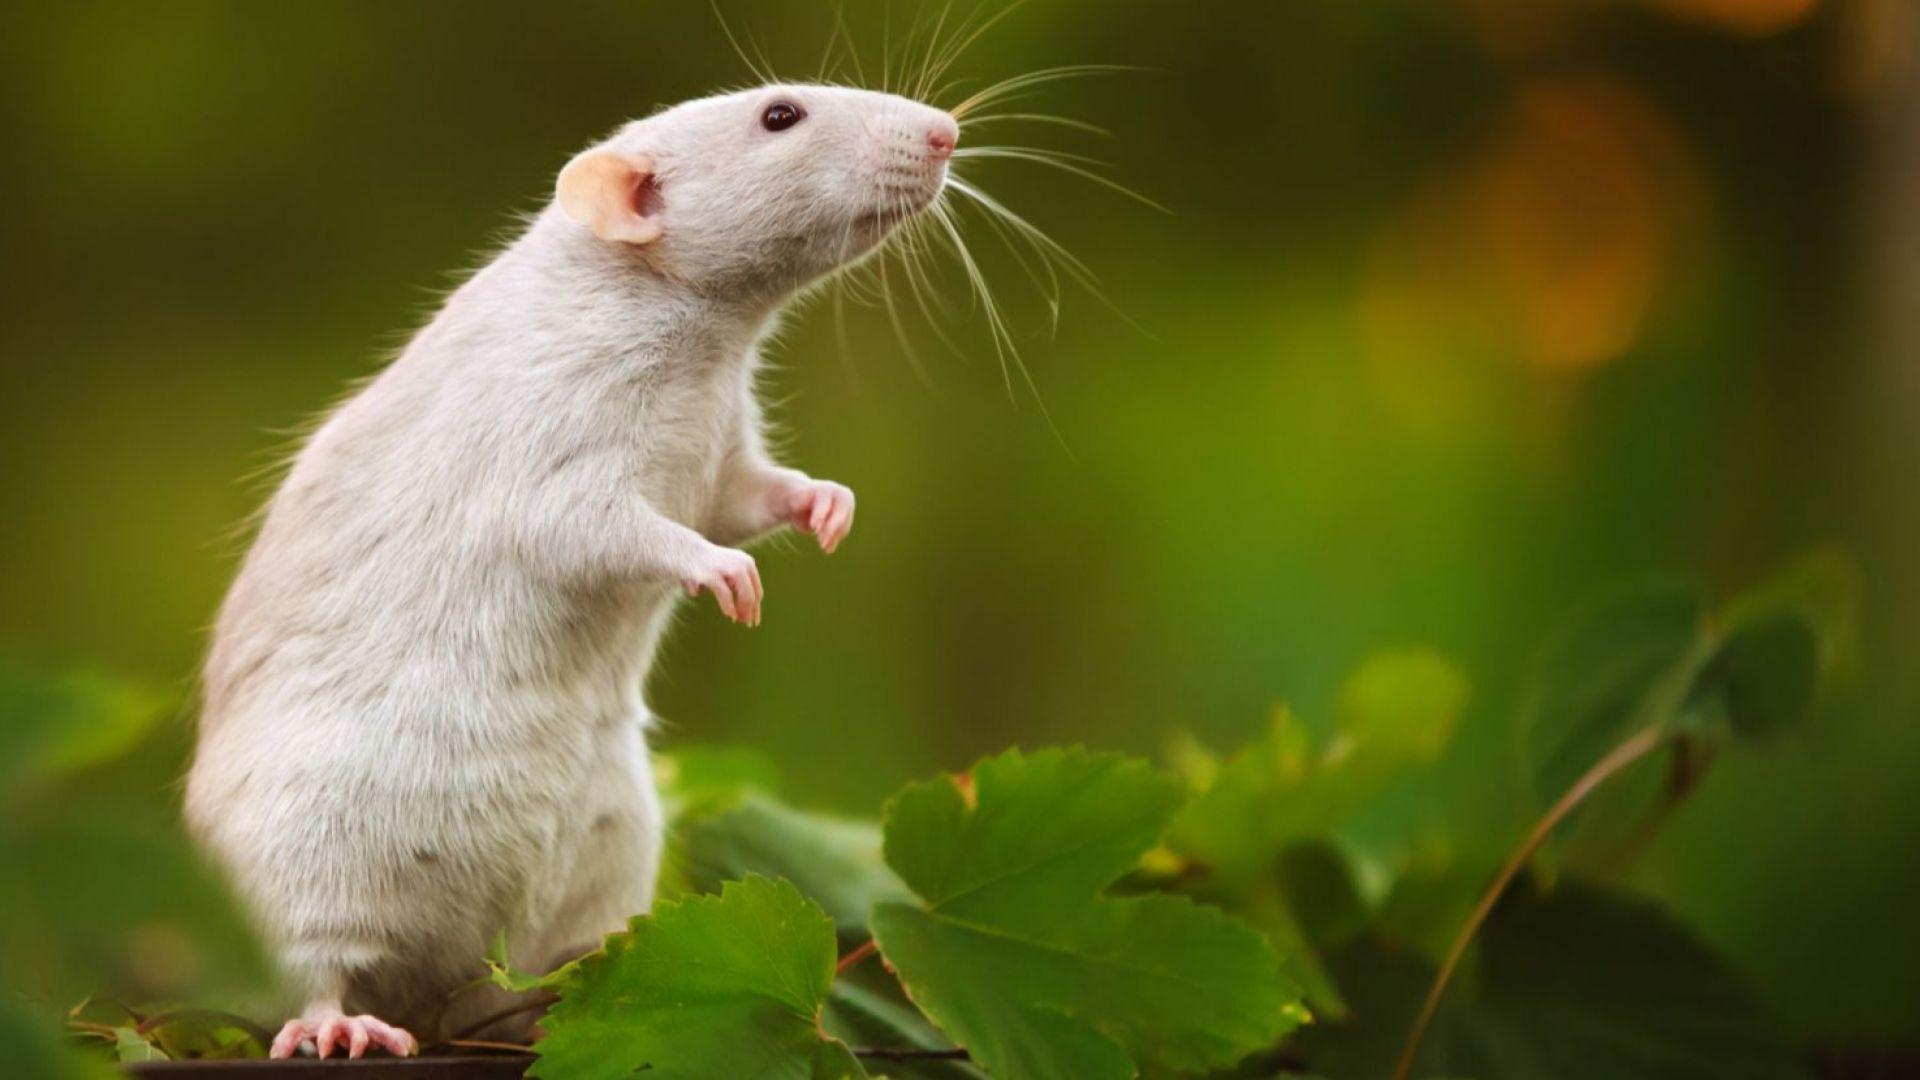 White Metal Rat computer wallpaper